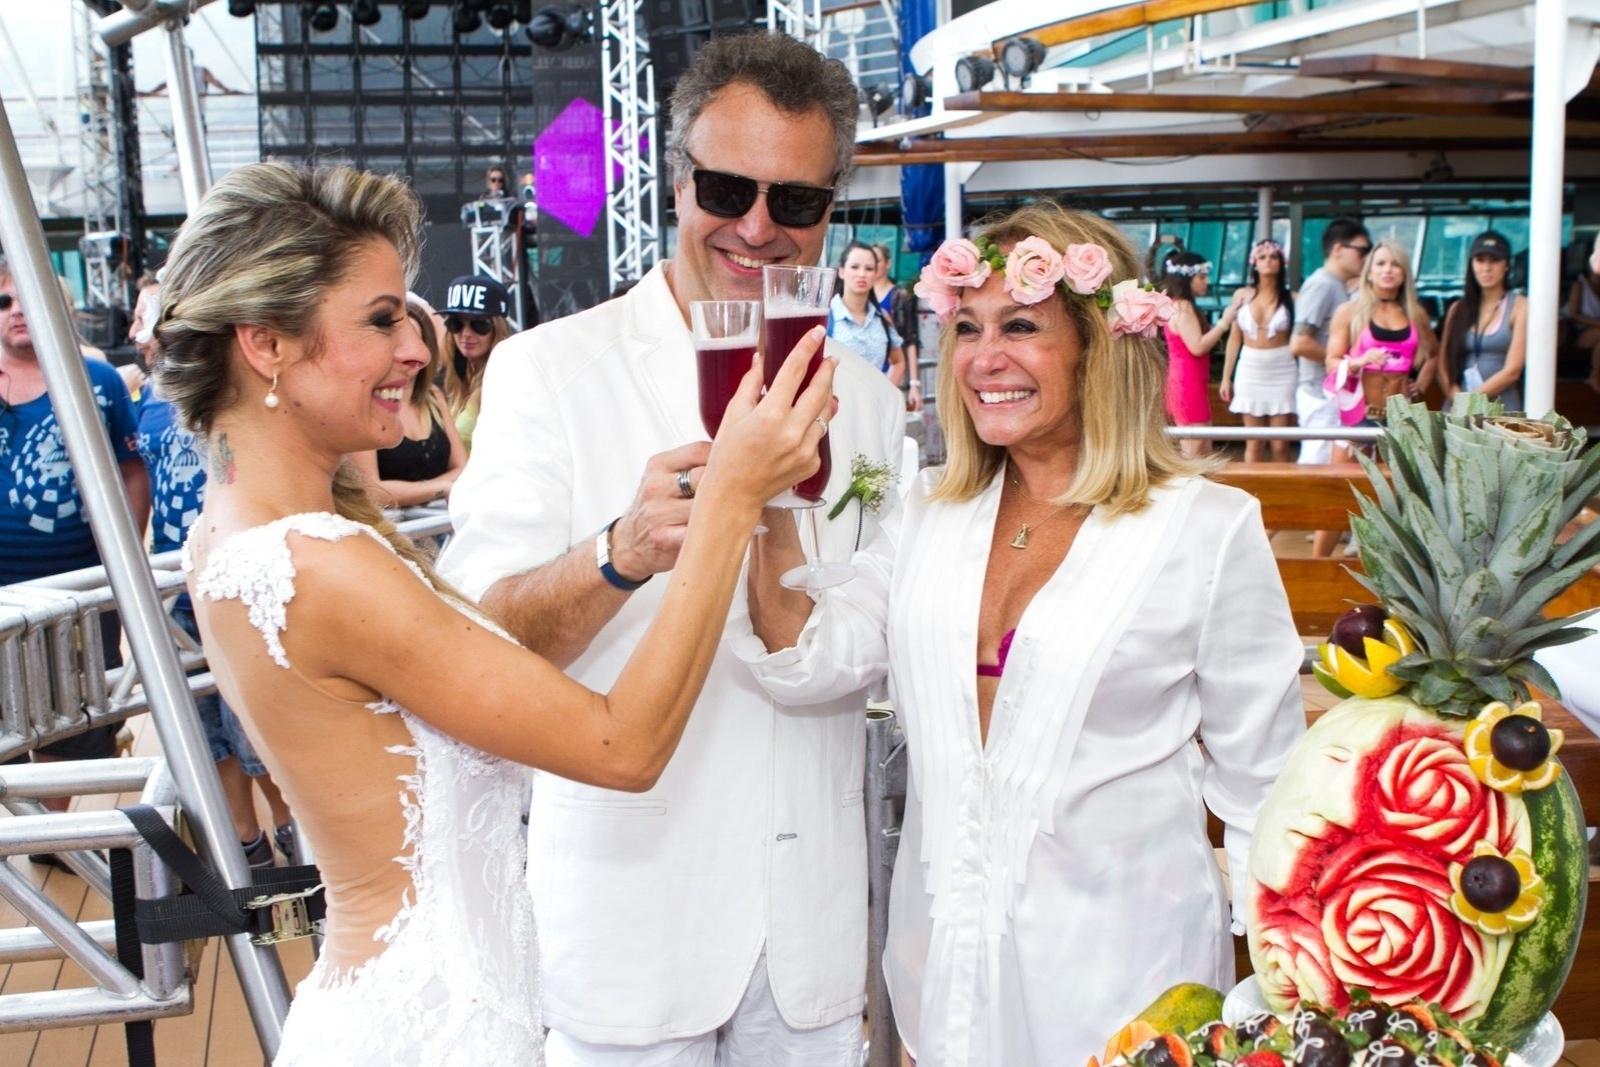 13.abr.2014 - O filho da atriz Susana Vieira, Rodrigo, se casou na tarde deste domingo com Ketryn Goetten a bordo de um cruzeiro de música eletrônica. Vestindo uma camisa branca aberta, um sutiã rosa e uma coroa de flores na cabeça, a atriz se emocionou durante a cerimônia e também fez o brinde com o casal